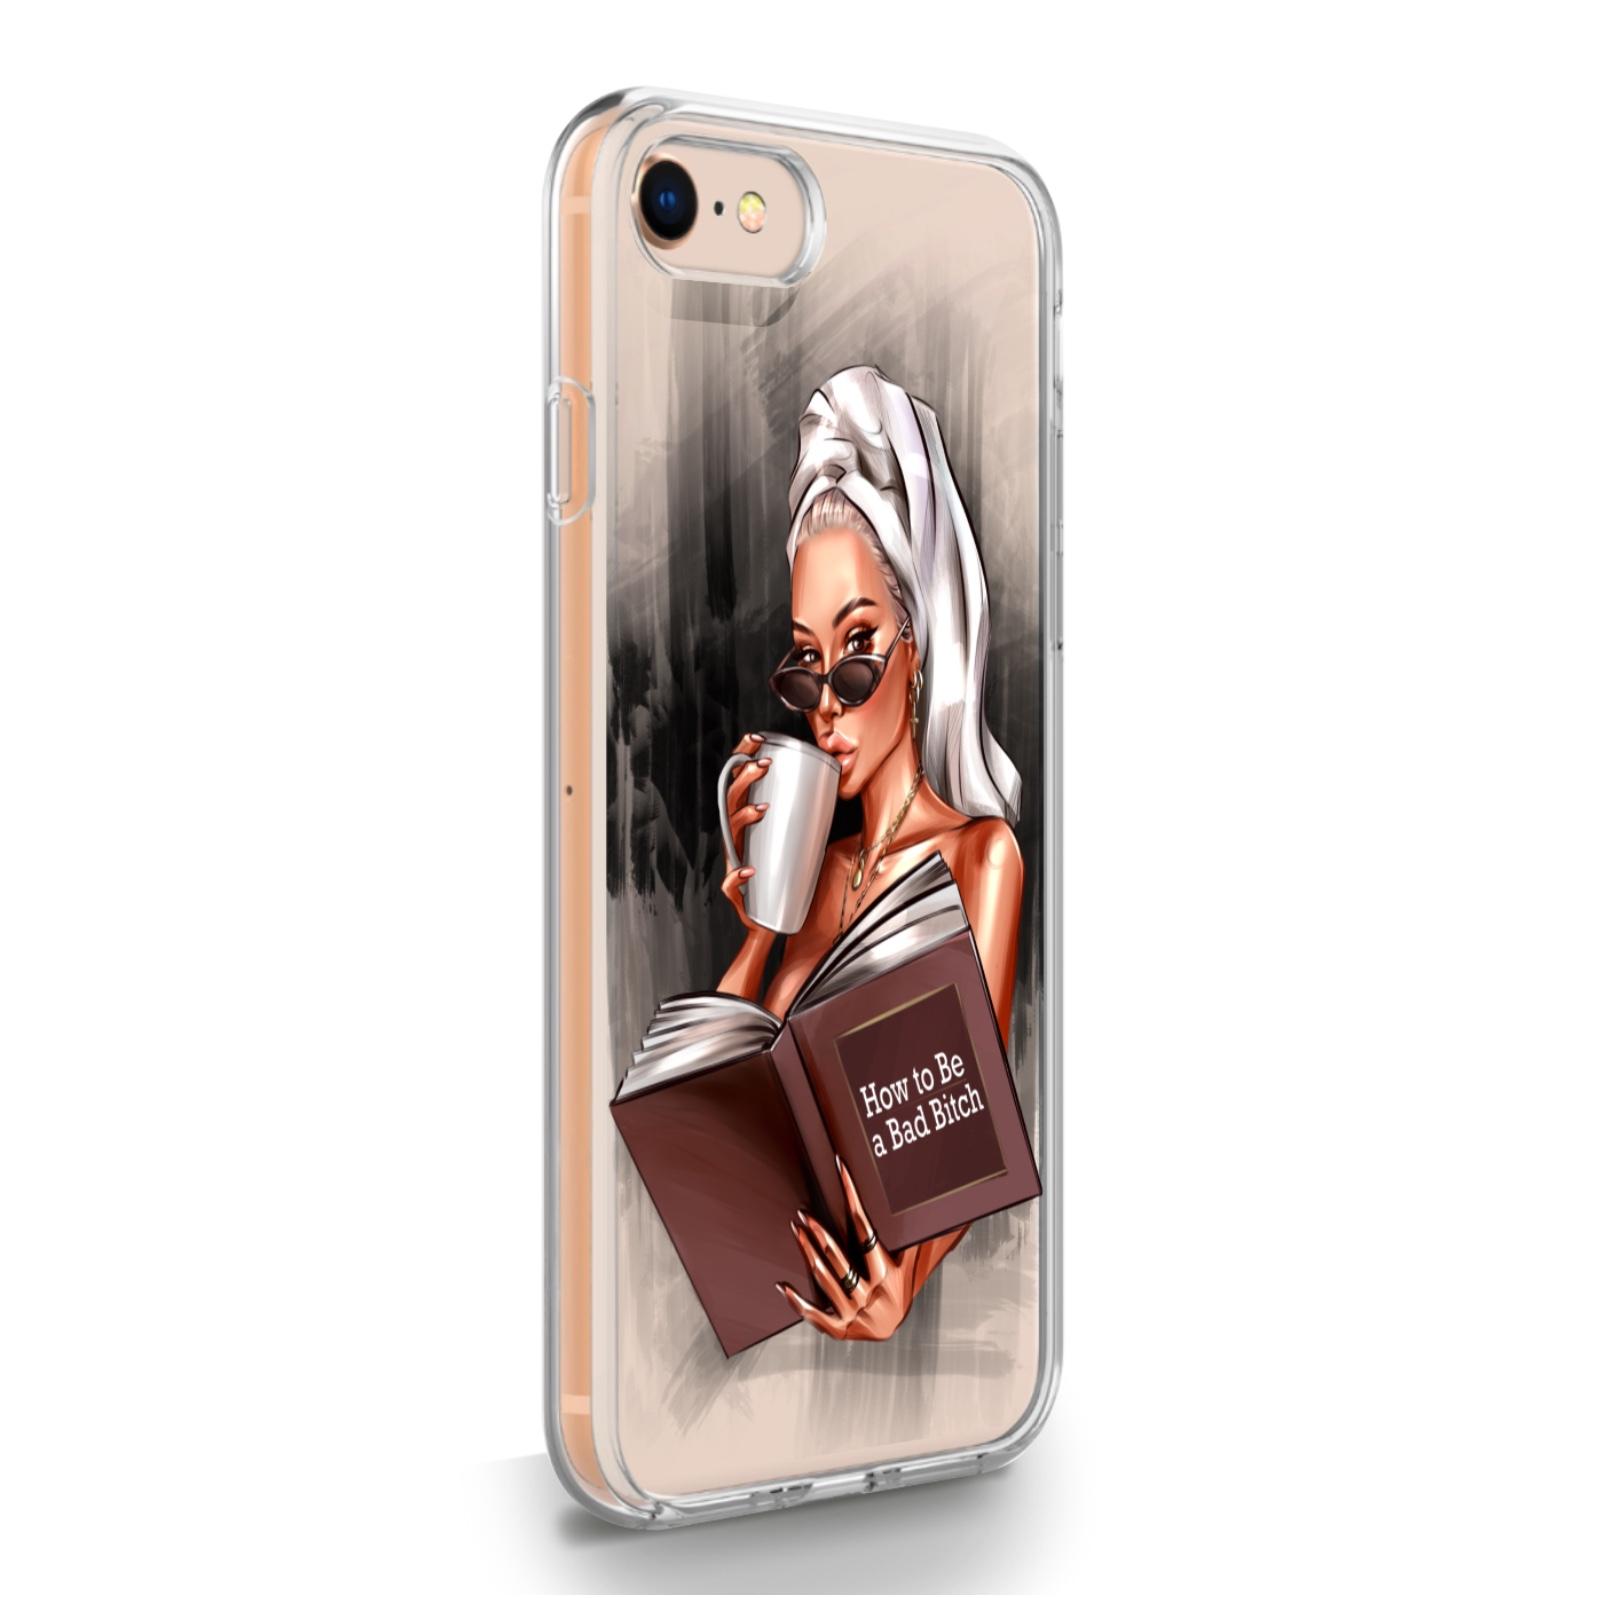 Прозрачный силиконовый чехол для iPhone 7/8/SE2020 How to be a bad Bitch для Айфон 7/8/СЕ2020